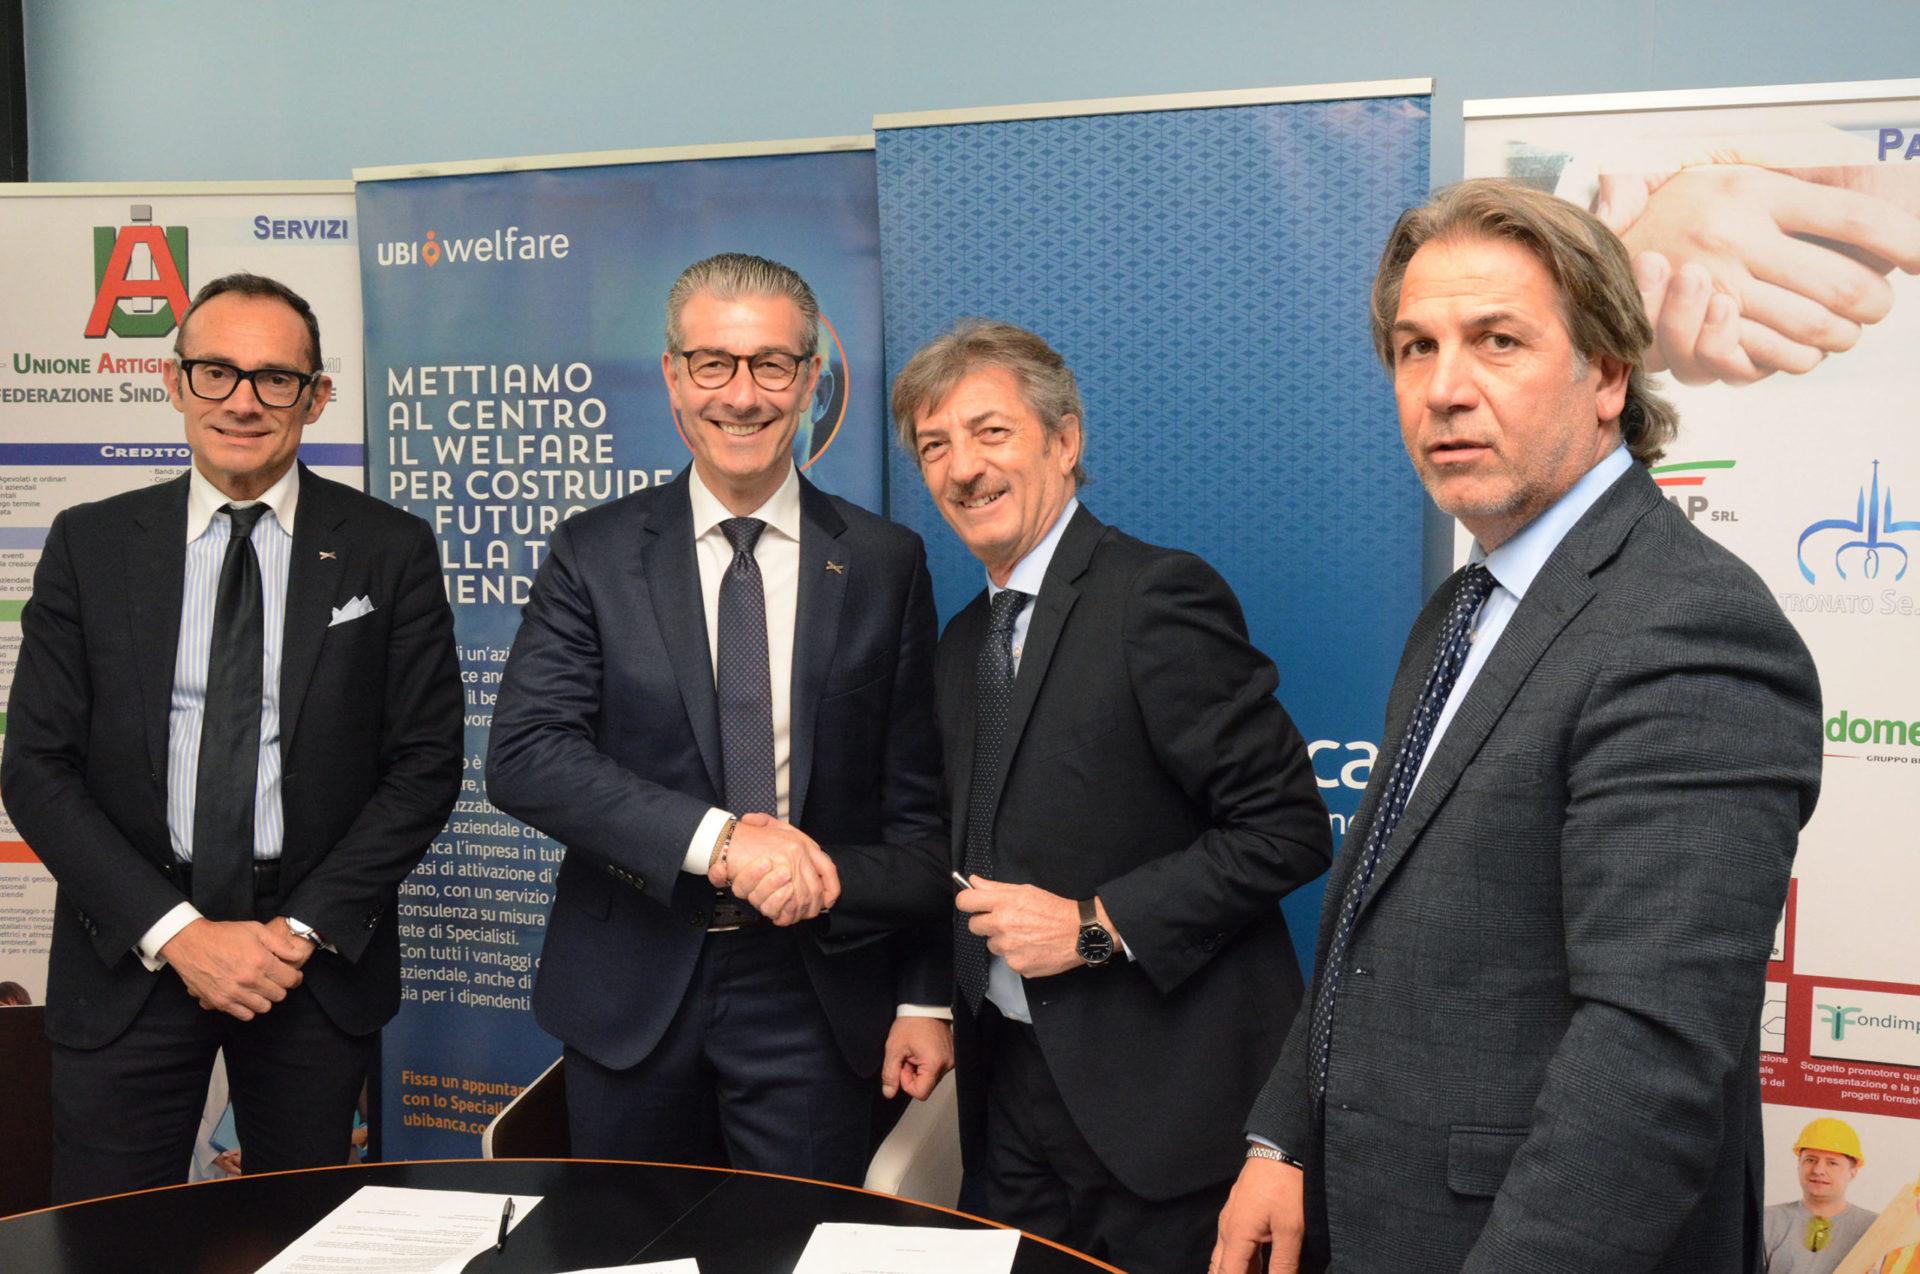 Welfare, sottoscritto a Roma l'accordo tra la Uai e Ubi Banca